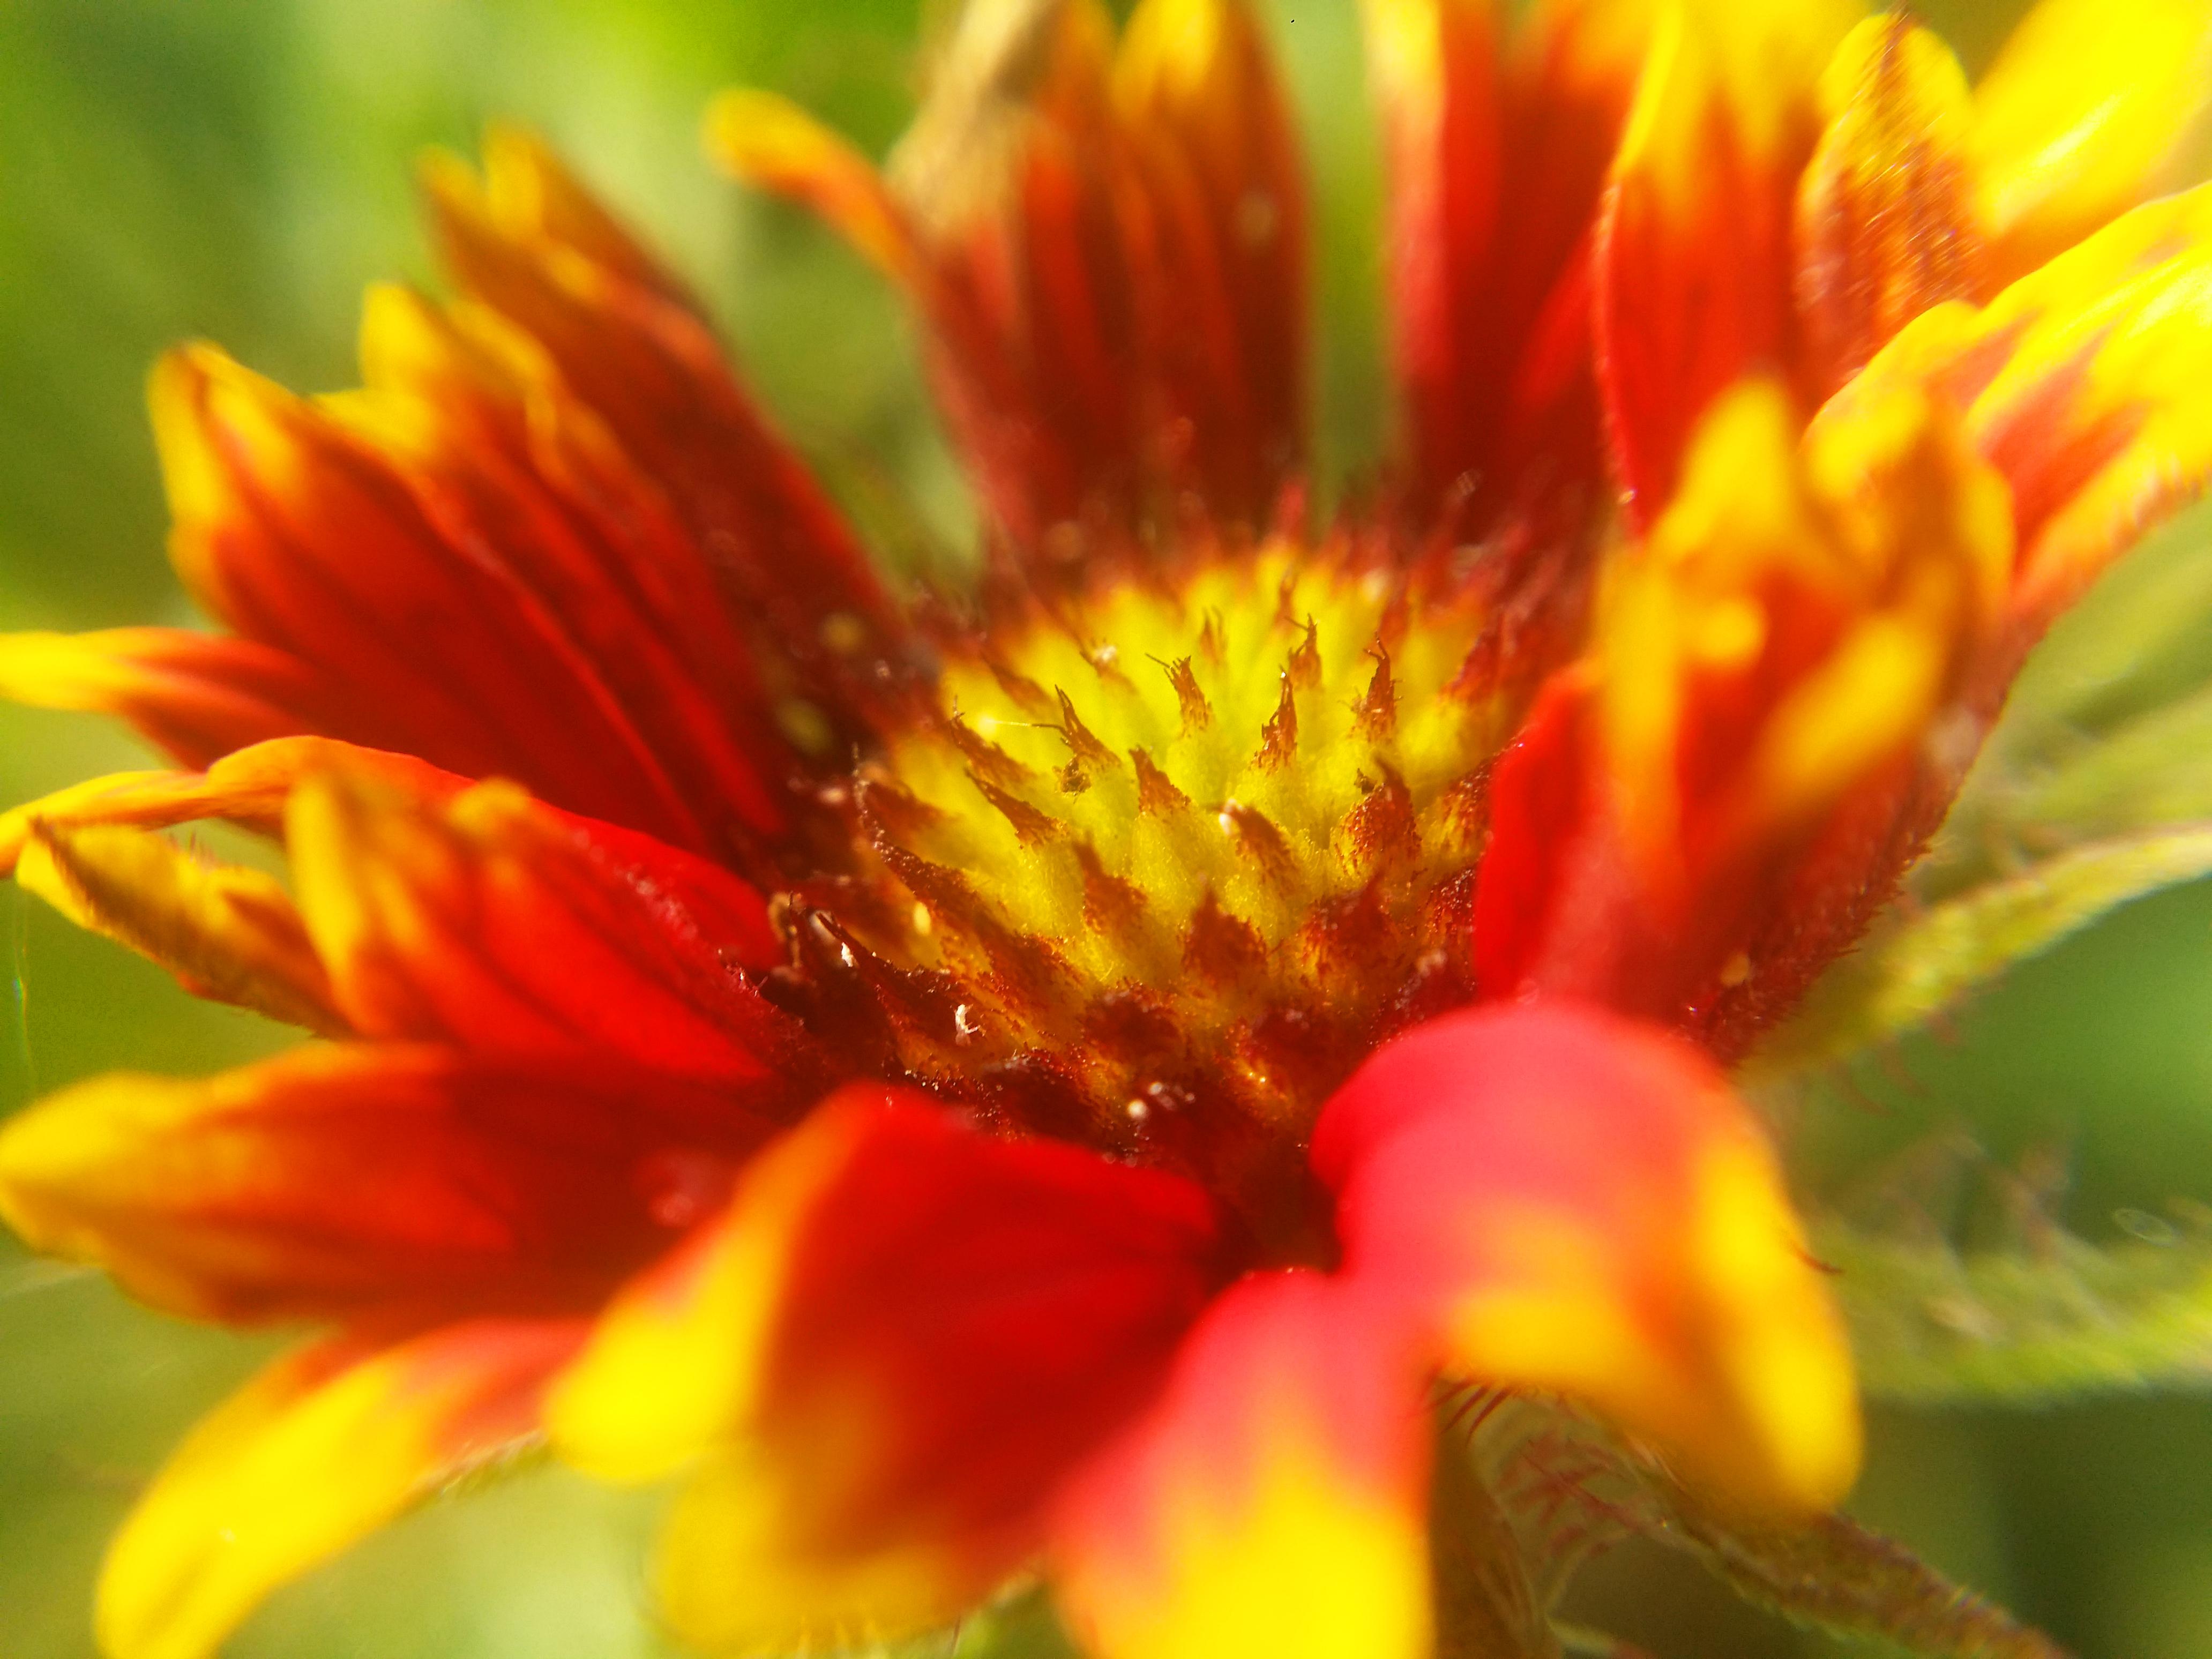 Charmant Kostenlose Foto : Blumen , Natur, Hintergrund, Blume, Sommer , Muster,  Bunt, Karte, Frühling, Dekoration, Farbe, Kunst, Entwurf, Garten,  Illustration, ...